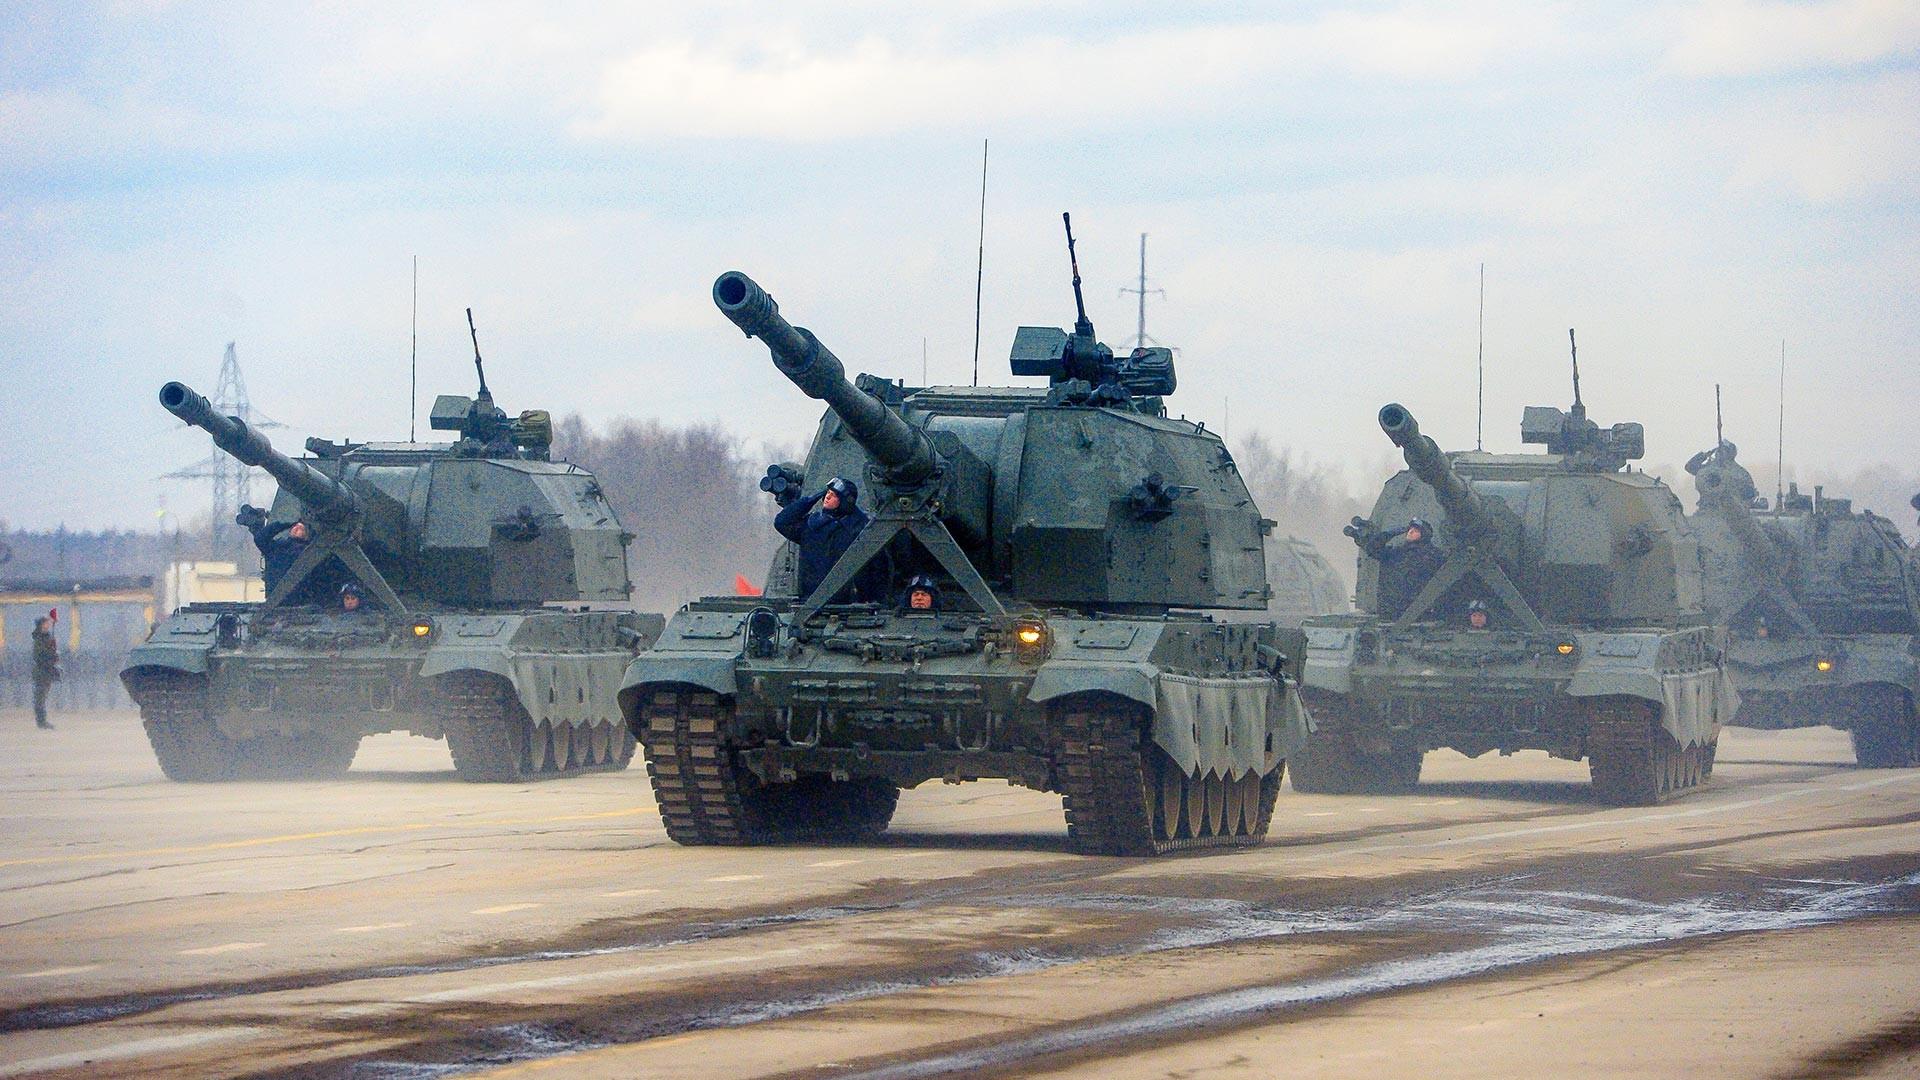 Samohodna havbica Koalicija-SV mehanizirane kolone Moskovske garnizije med vajami za Parado zmage na Rdečem trgu leta 2017